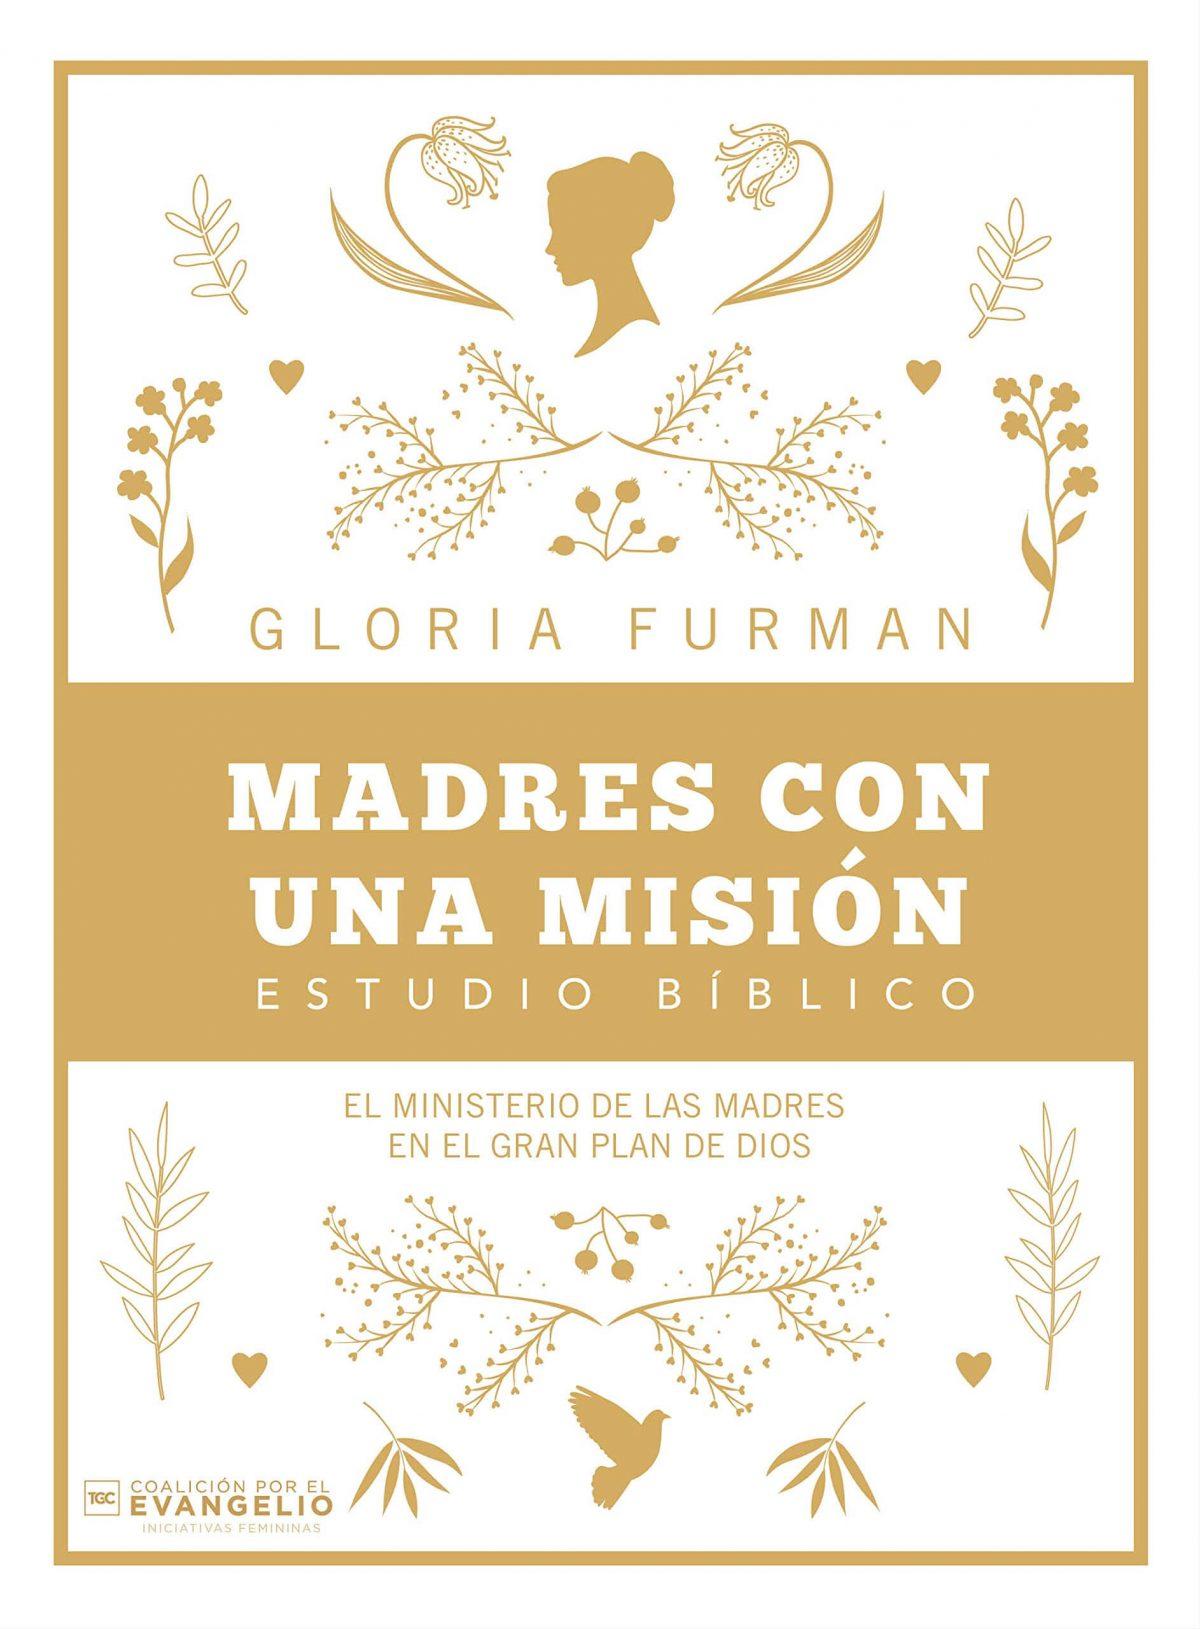 MADRES CON UNA MISION - ESTUDIO BIBLICO